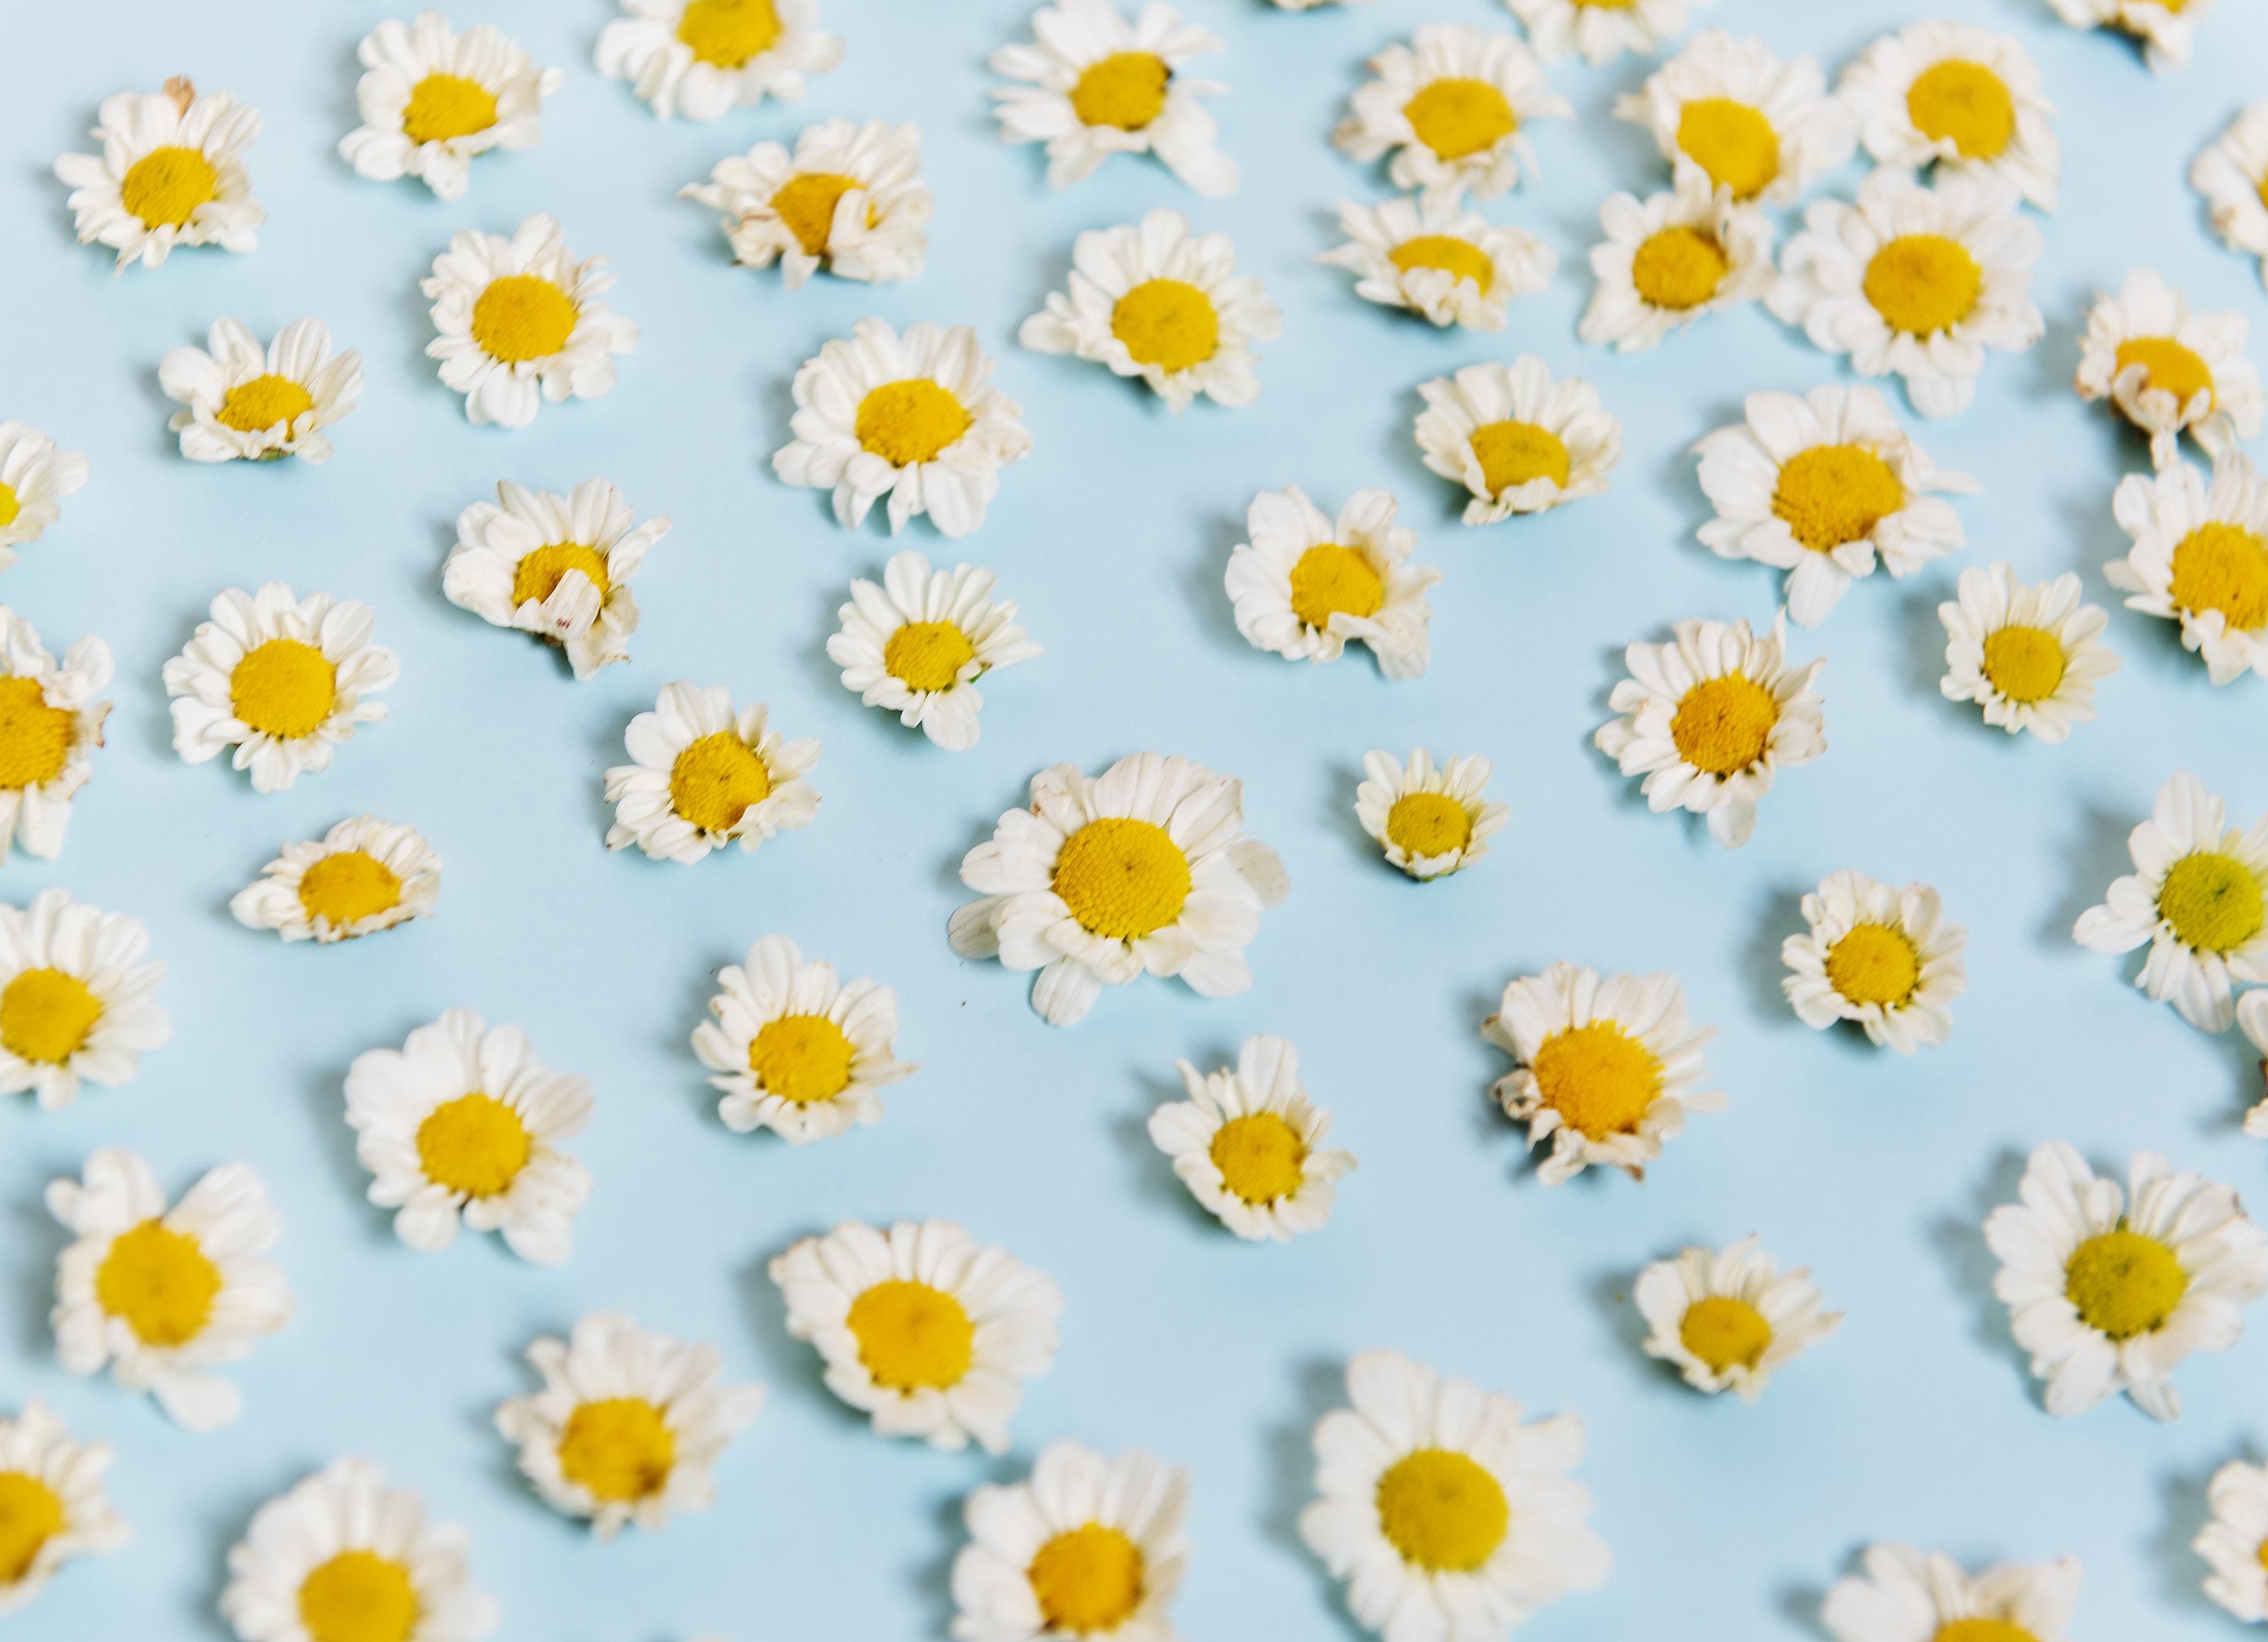 white daisy flower lot